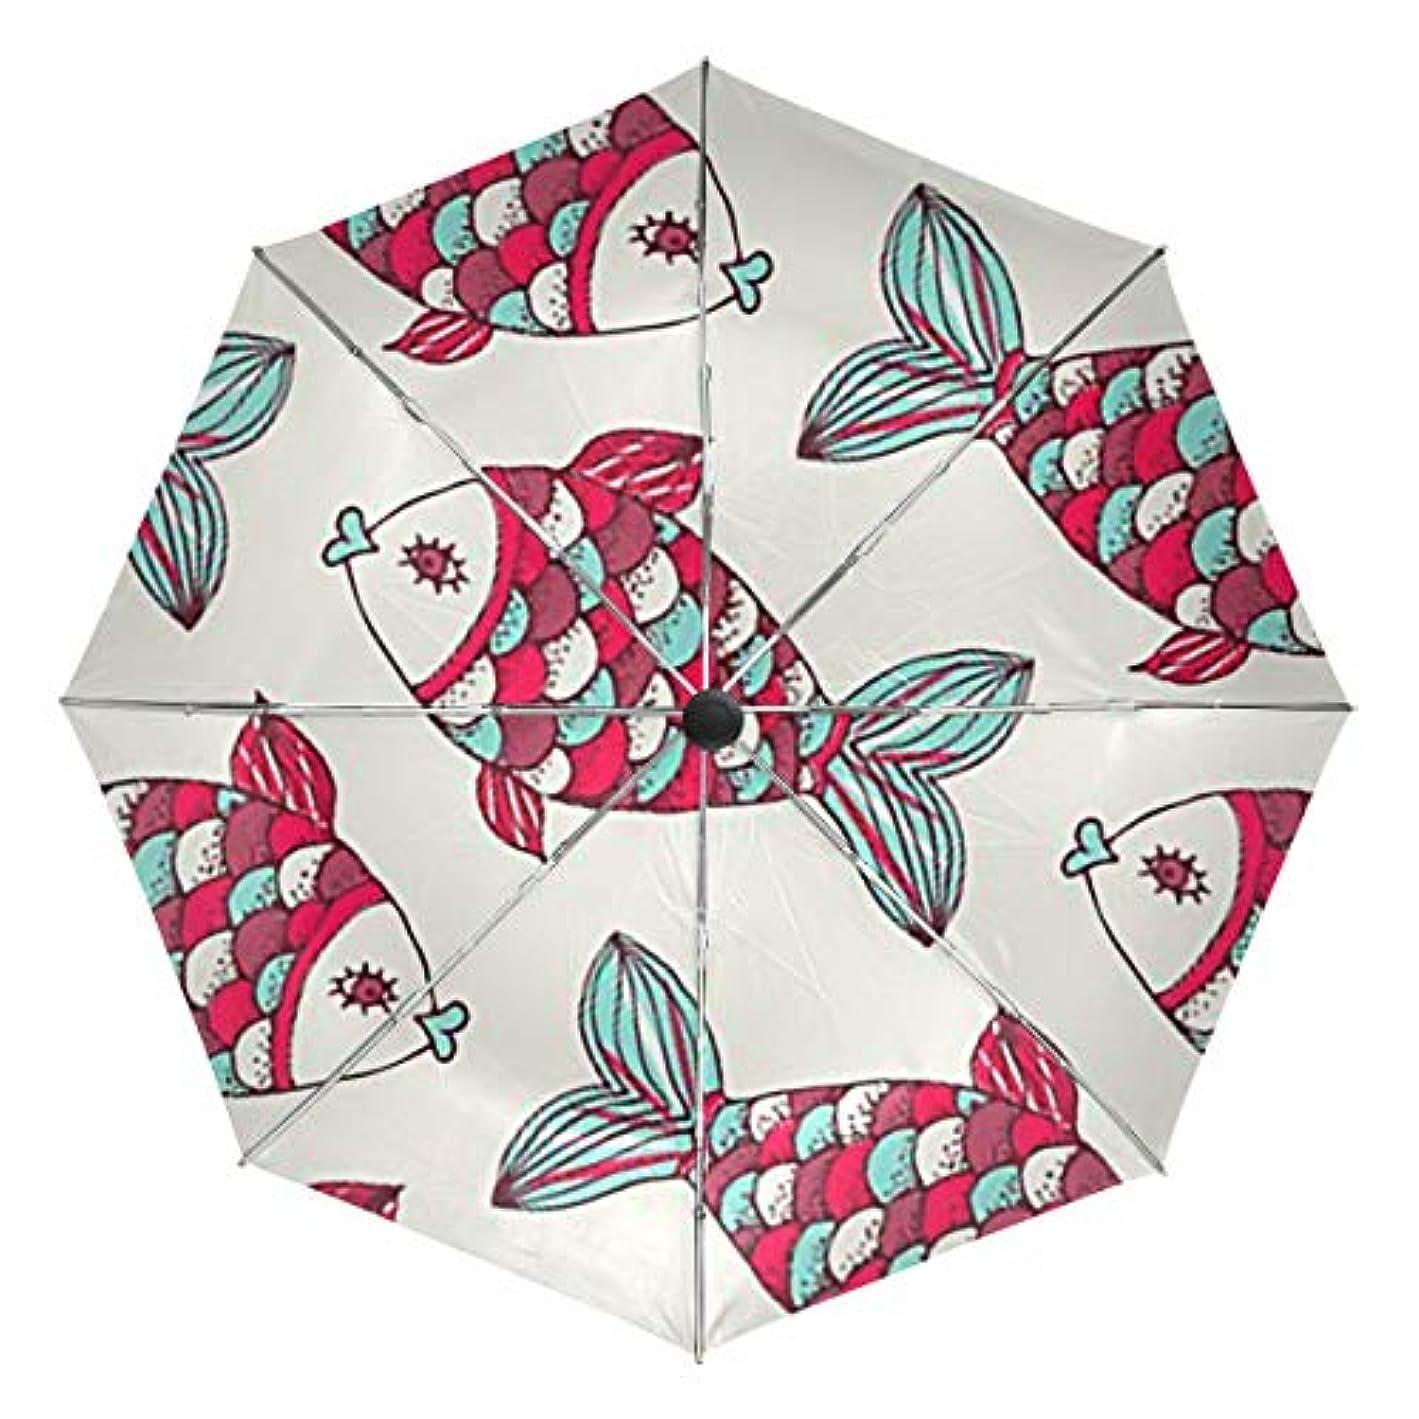 通知するちっちゃいコミュニティ傘 自動傘 丈夫 台風対策 雨傘 日傘 カラフルな魚柄 三つ折り傘 日よけ傘 日焼け止め 折りたたみ傘 UVカット 紫外線カット 自動開閉 晴雨兼用 梅雨対策